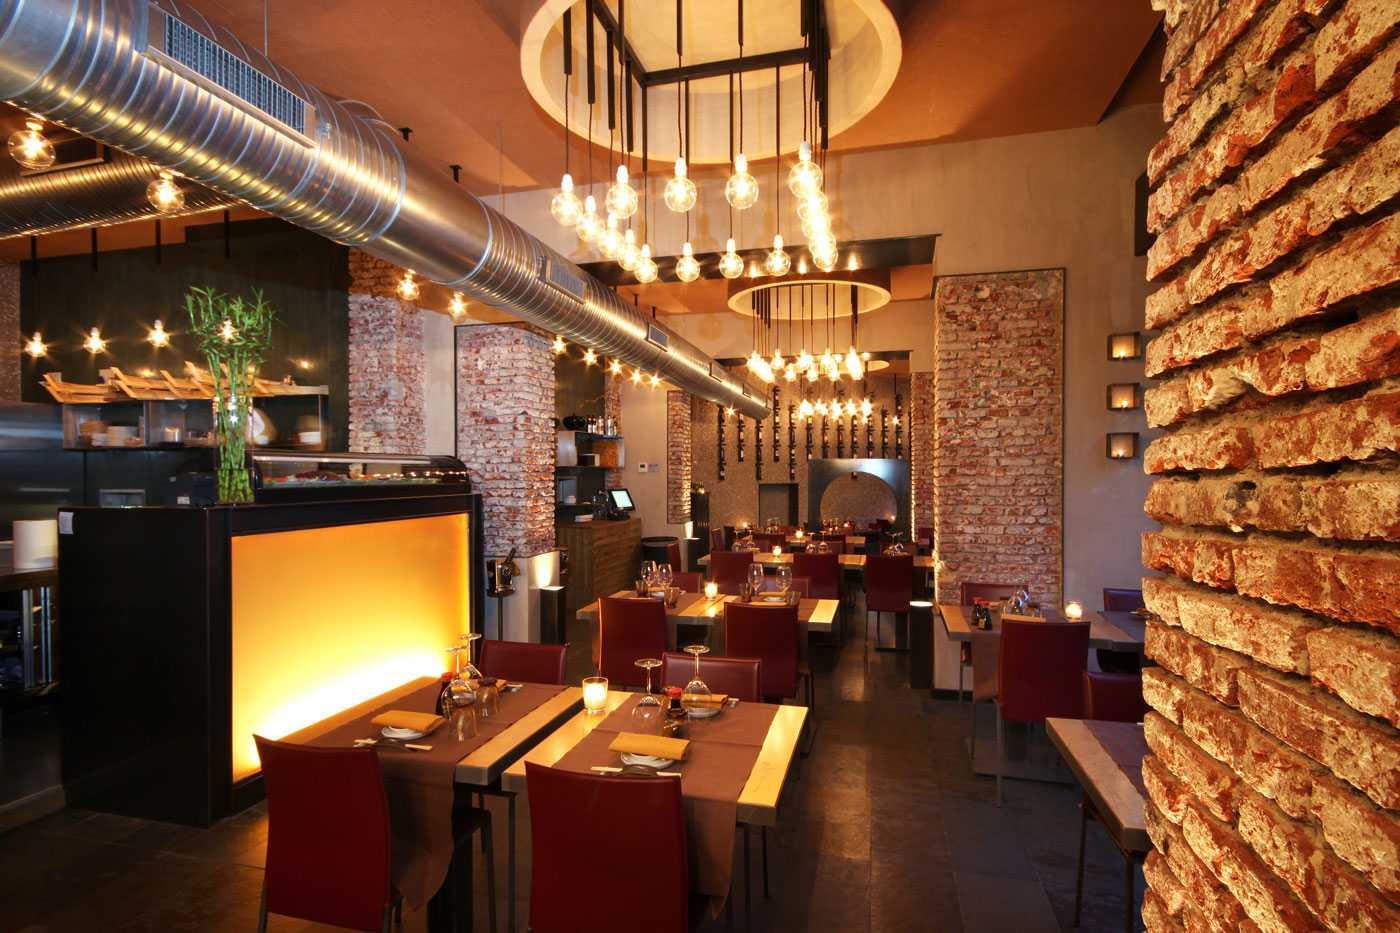 NAVIGLI: ecco locali e ristoranti da non perdere in via Vigevano